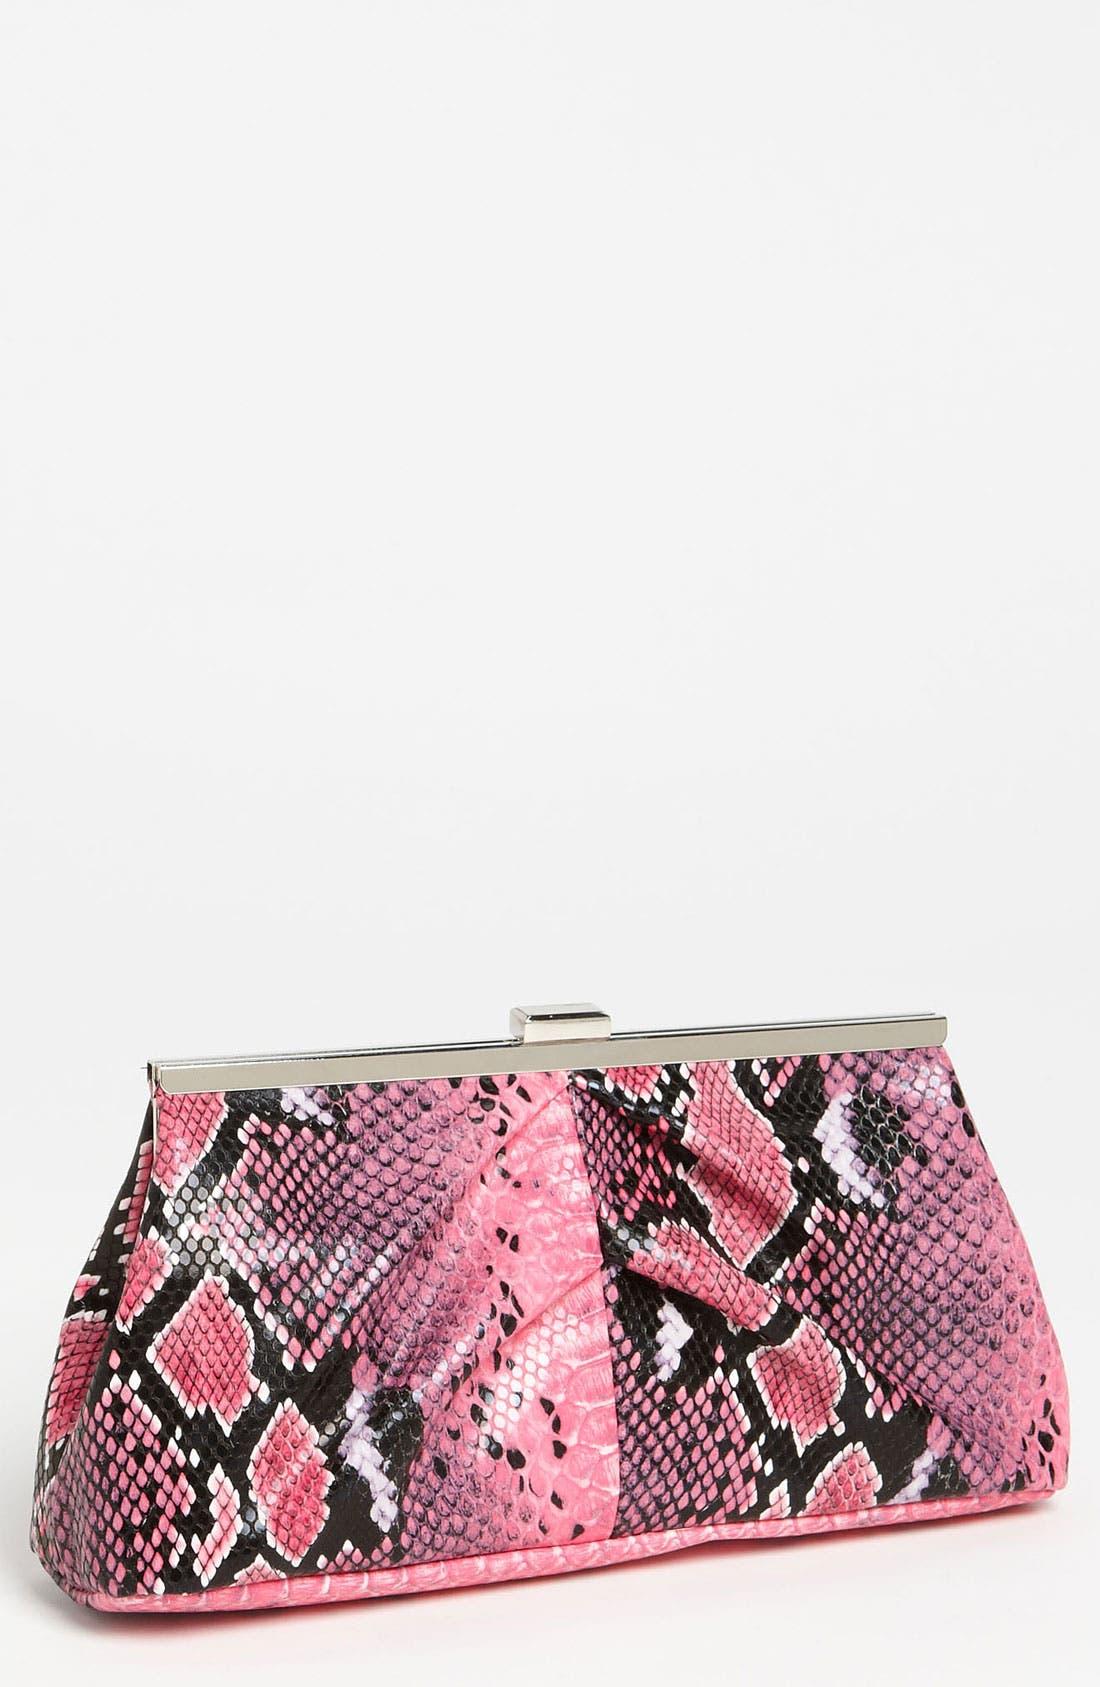 Main Image - Natasha Couture Snake Print Clutch